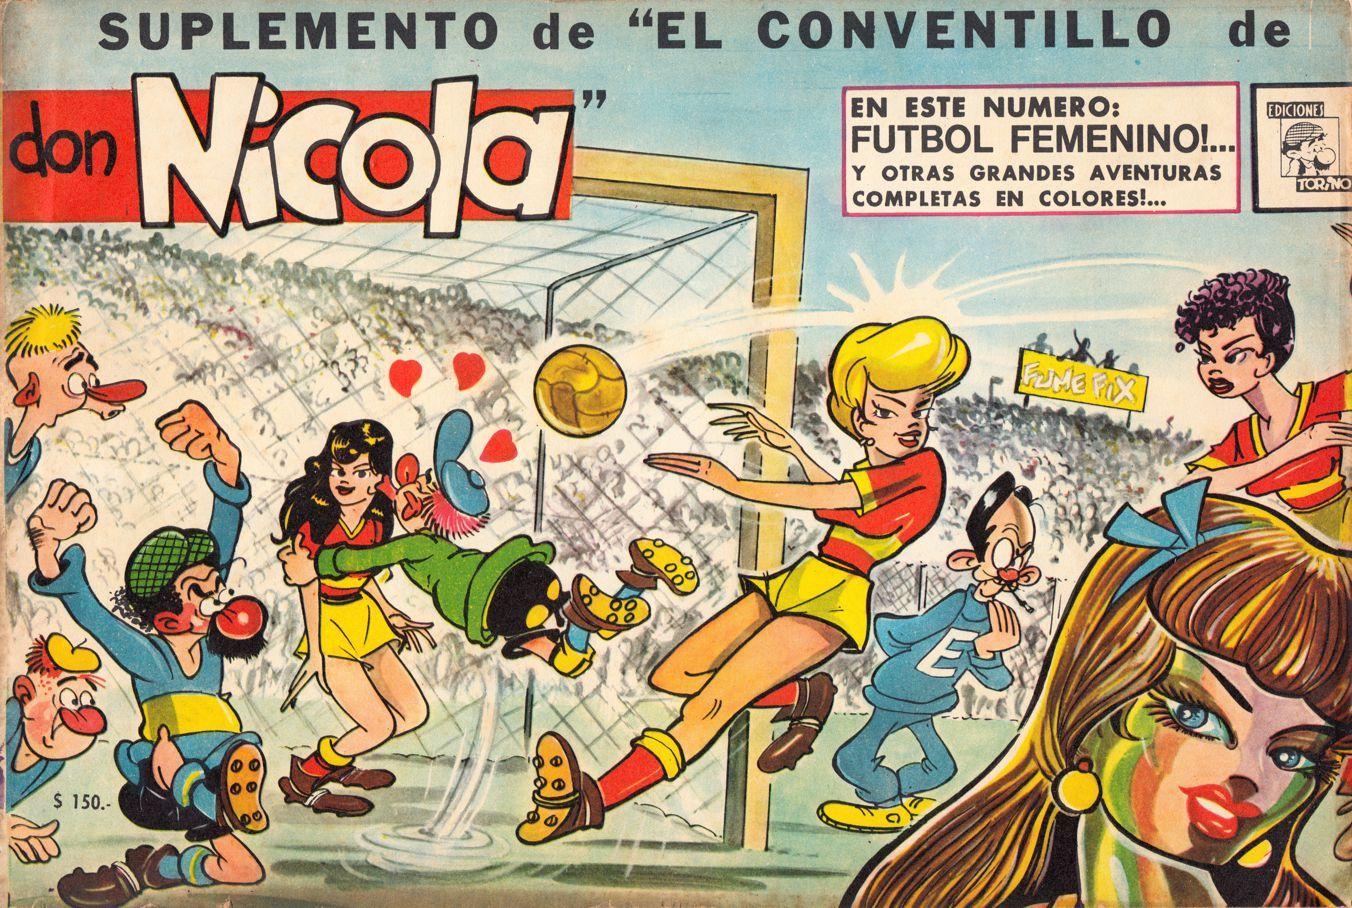 MUNDO QUINTERNO: SUPLEMENTO DE EL CONVENTILLO DE DON NICOLA Nº 03